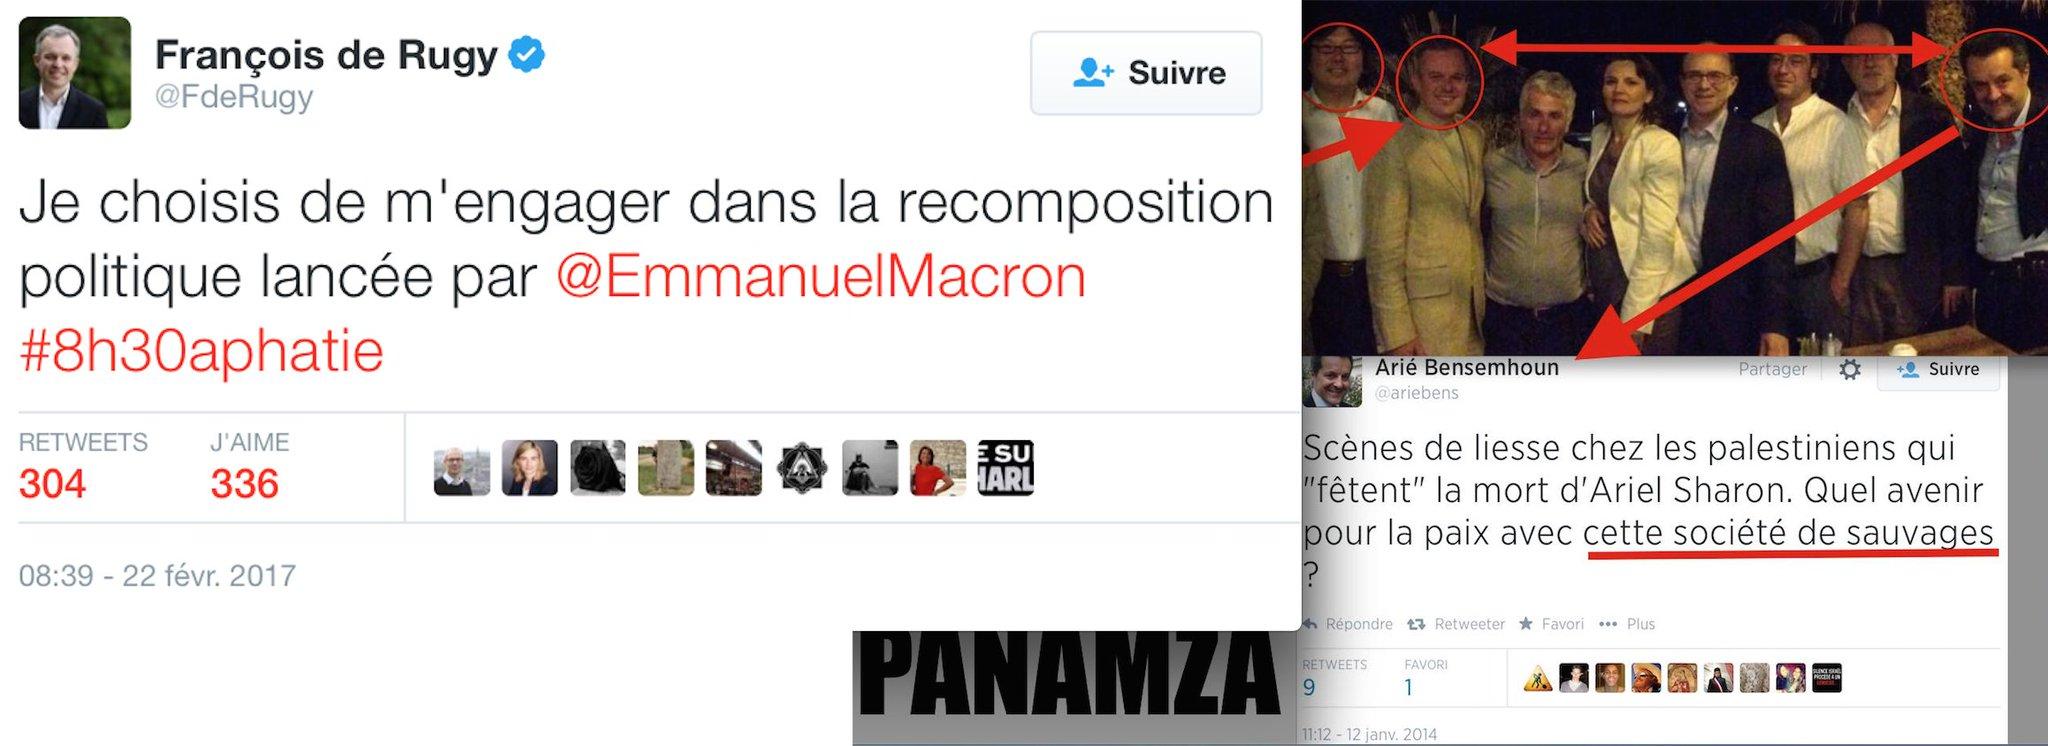 Un écolo sioniste rejoint Macron